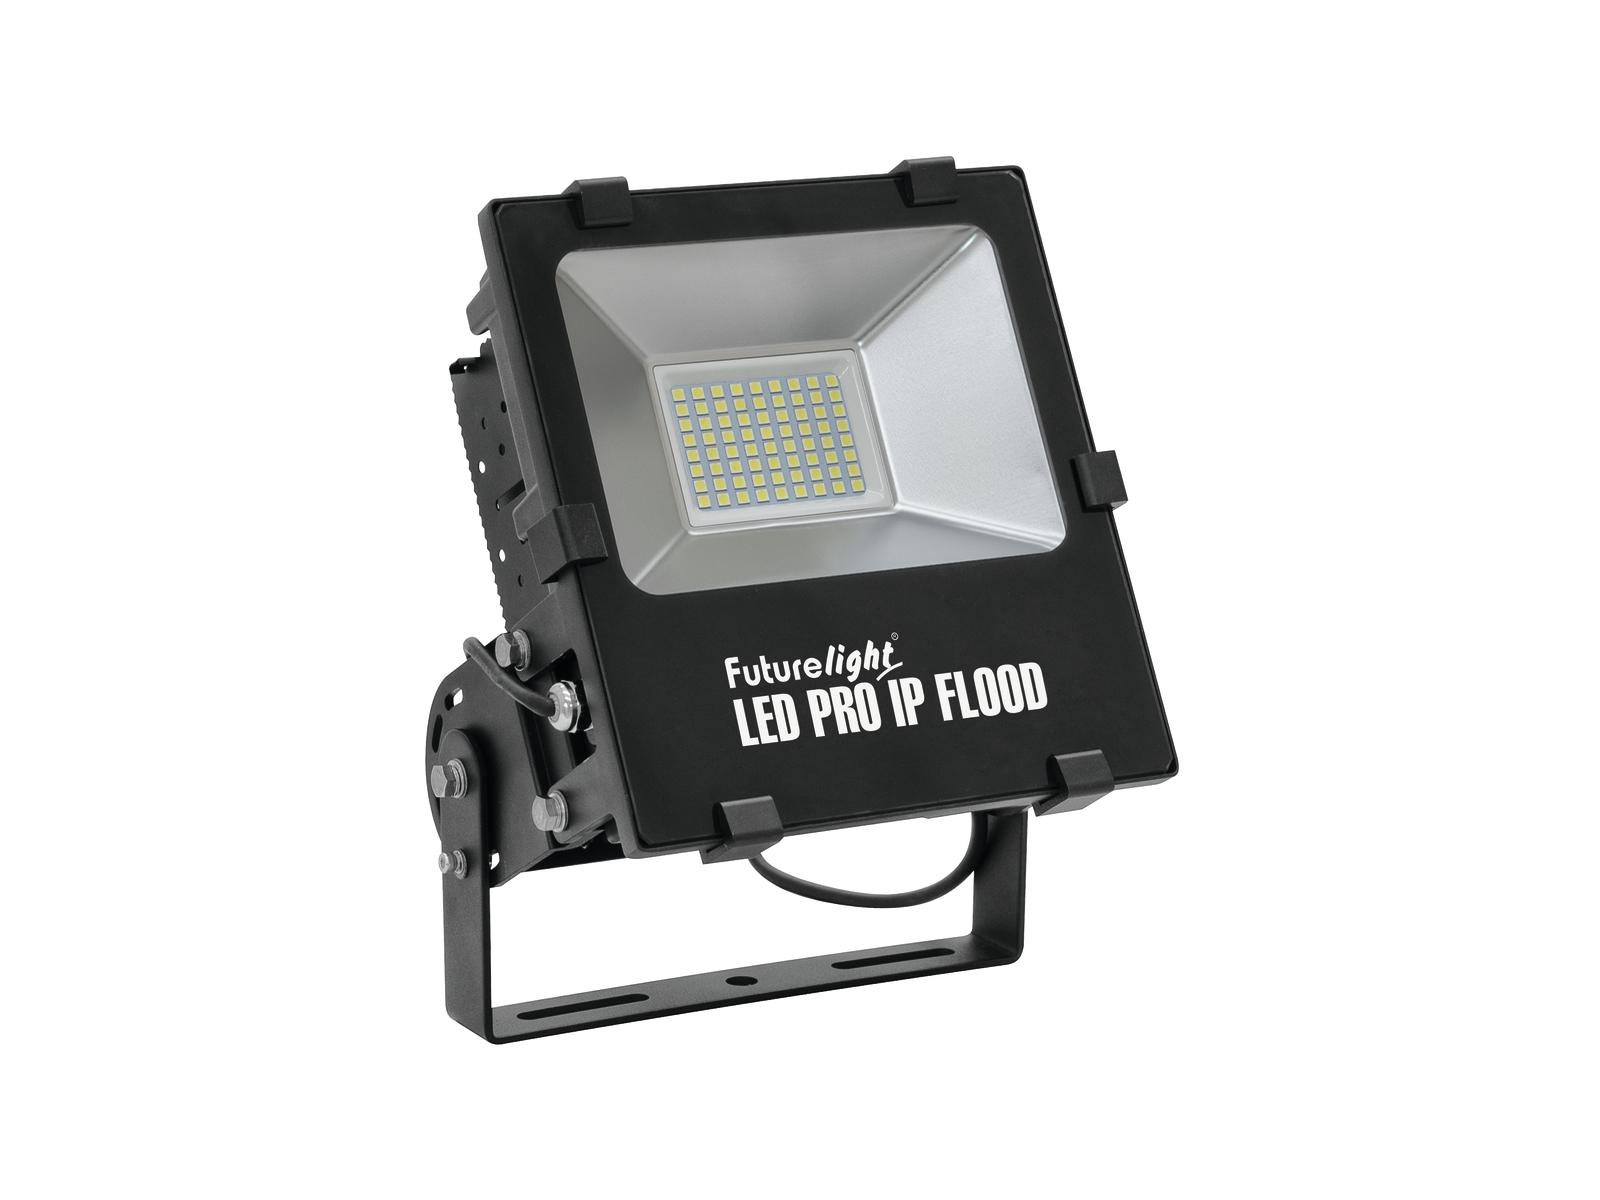 Futurelight LED PRO IP Flood 72 SMD, venkovní reflektor, IP65